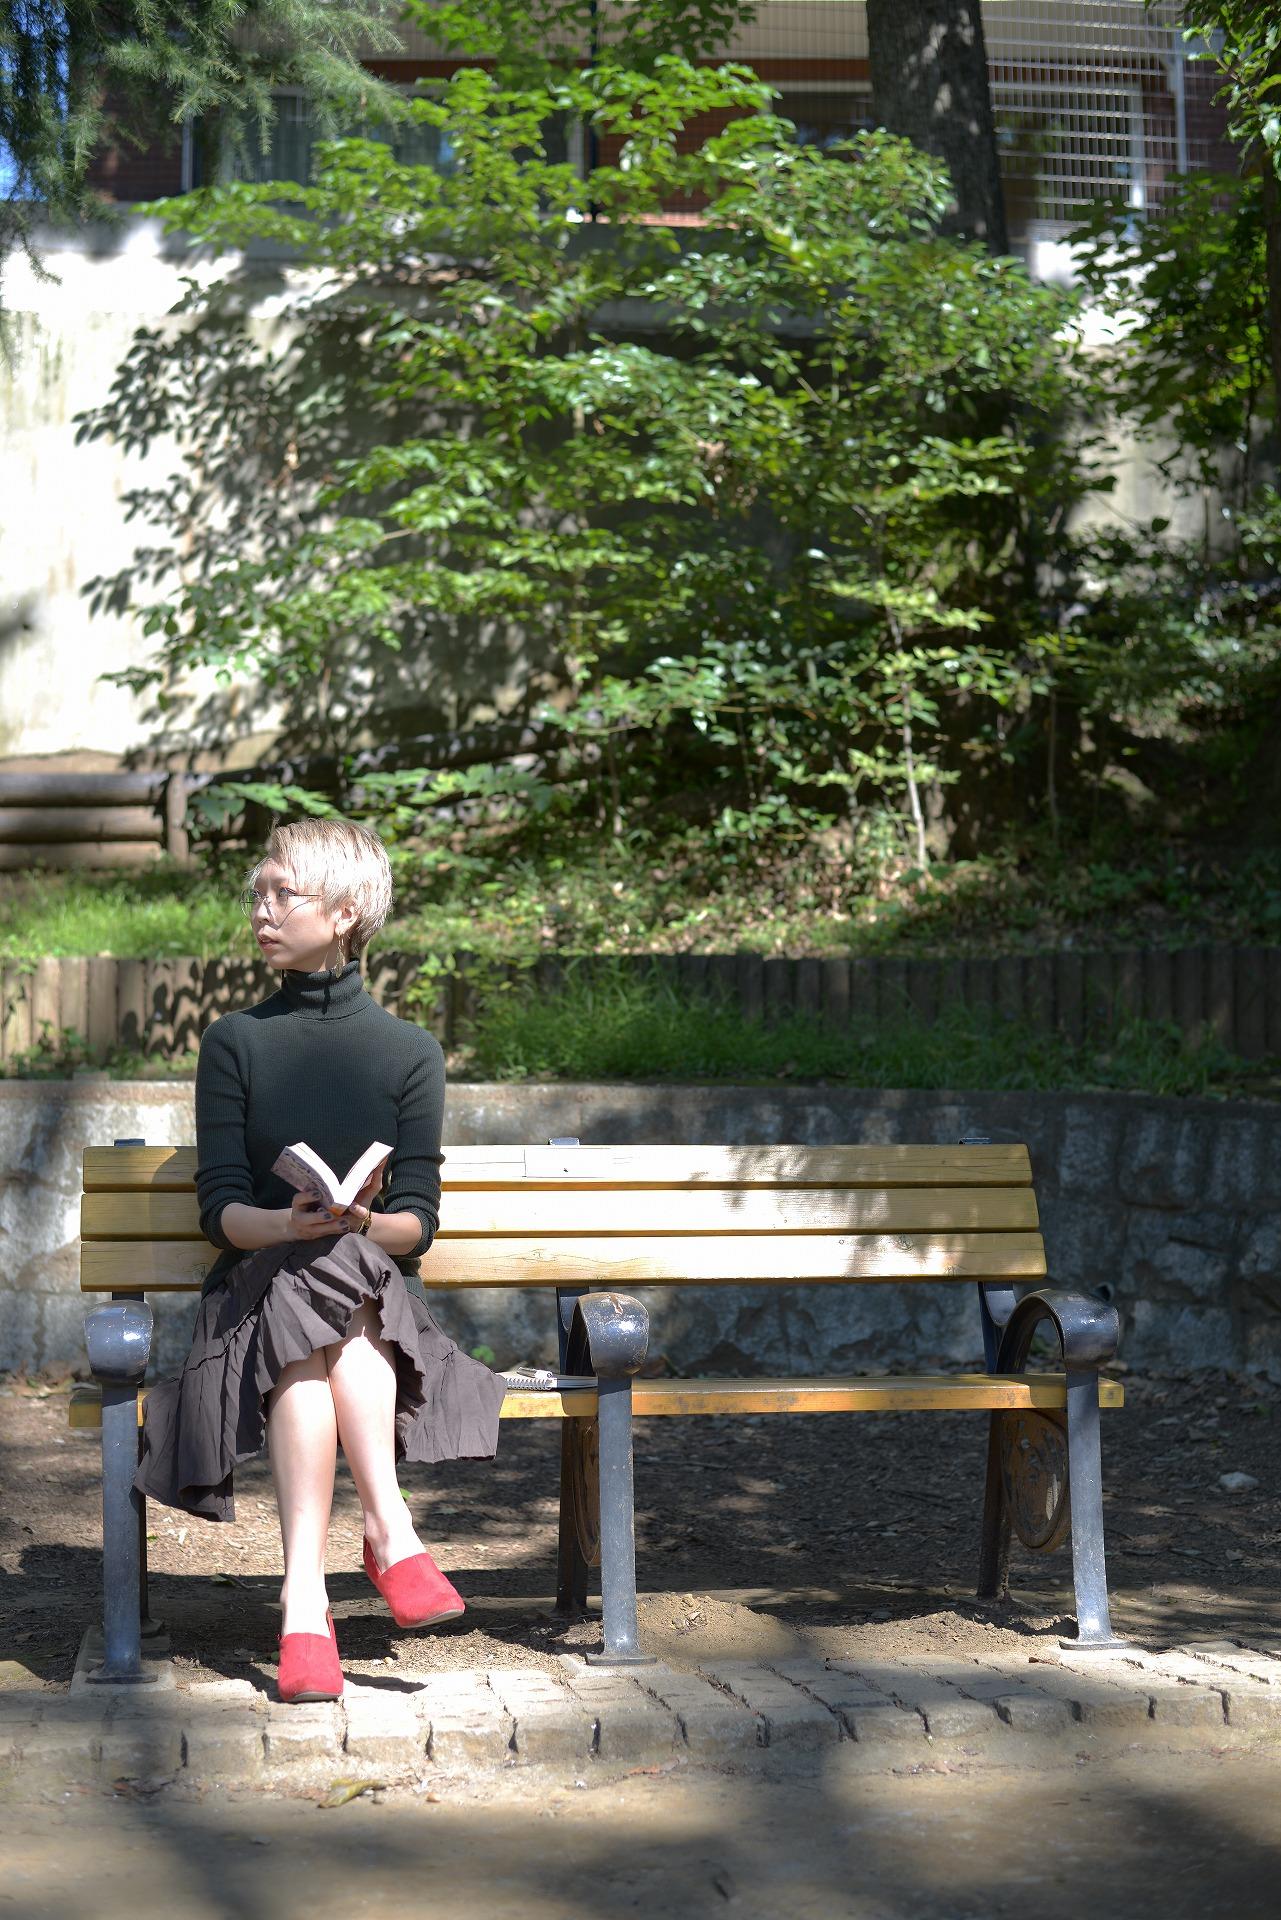 隣のベンチが寂しい